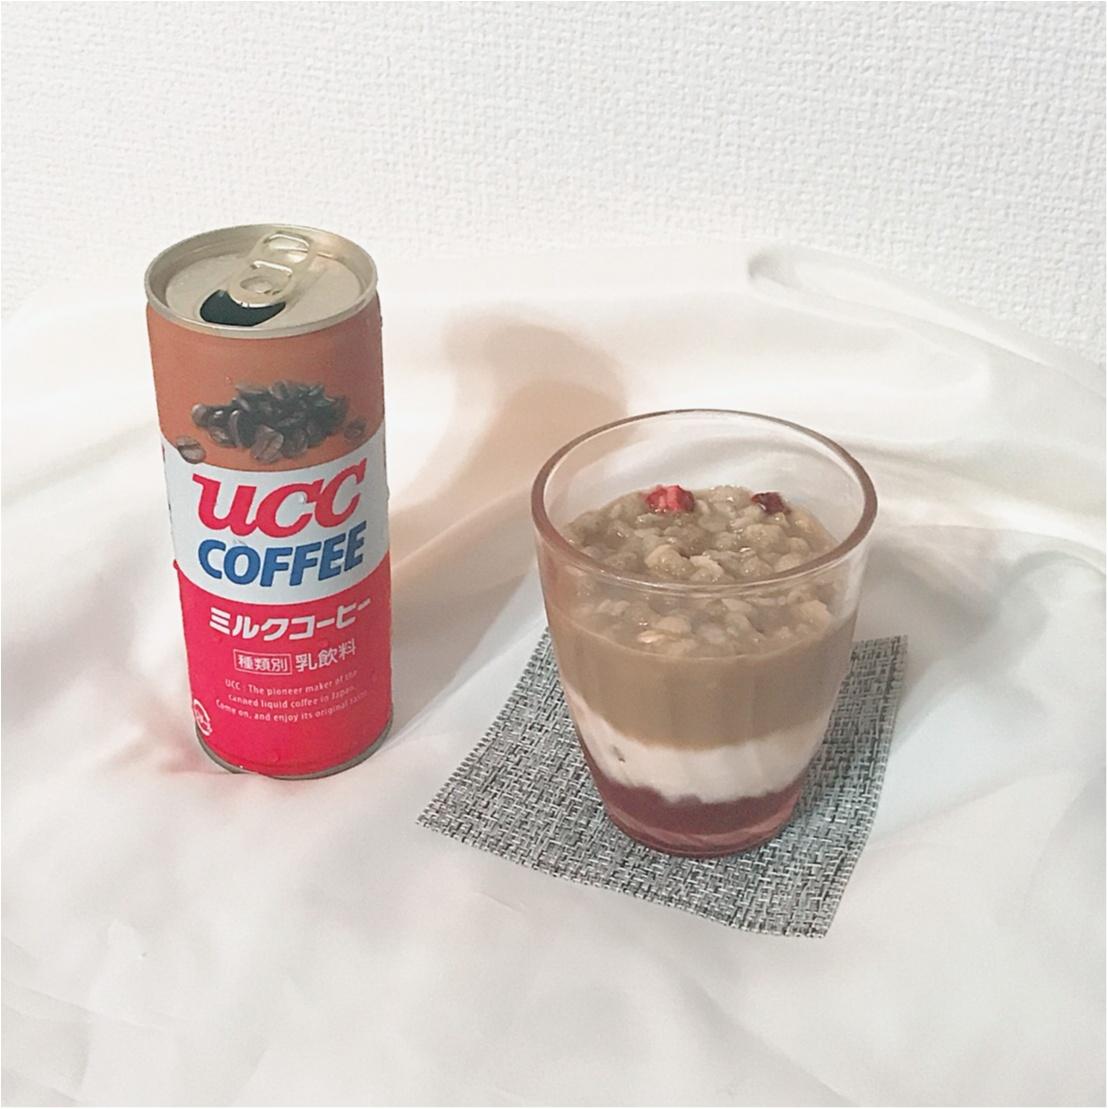 秒速ヘルシー朝ごはん♡おしゃれ女子が喜ぶ3層グラデの簡単アレンジレシピ_10